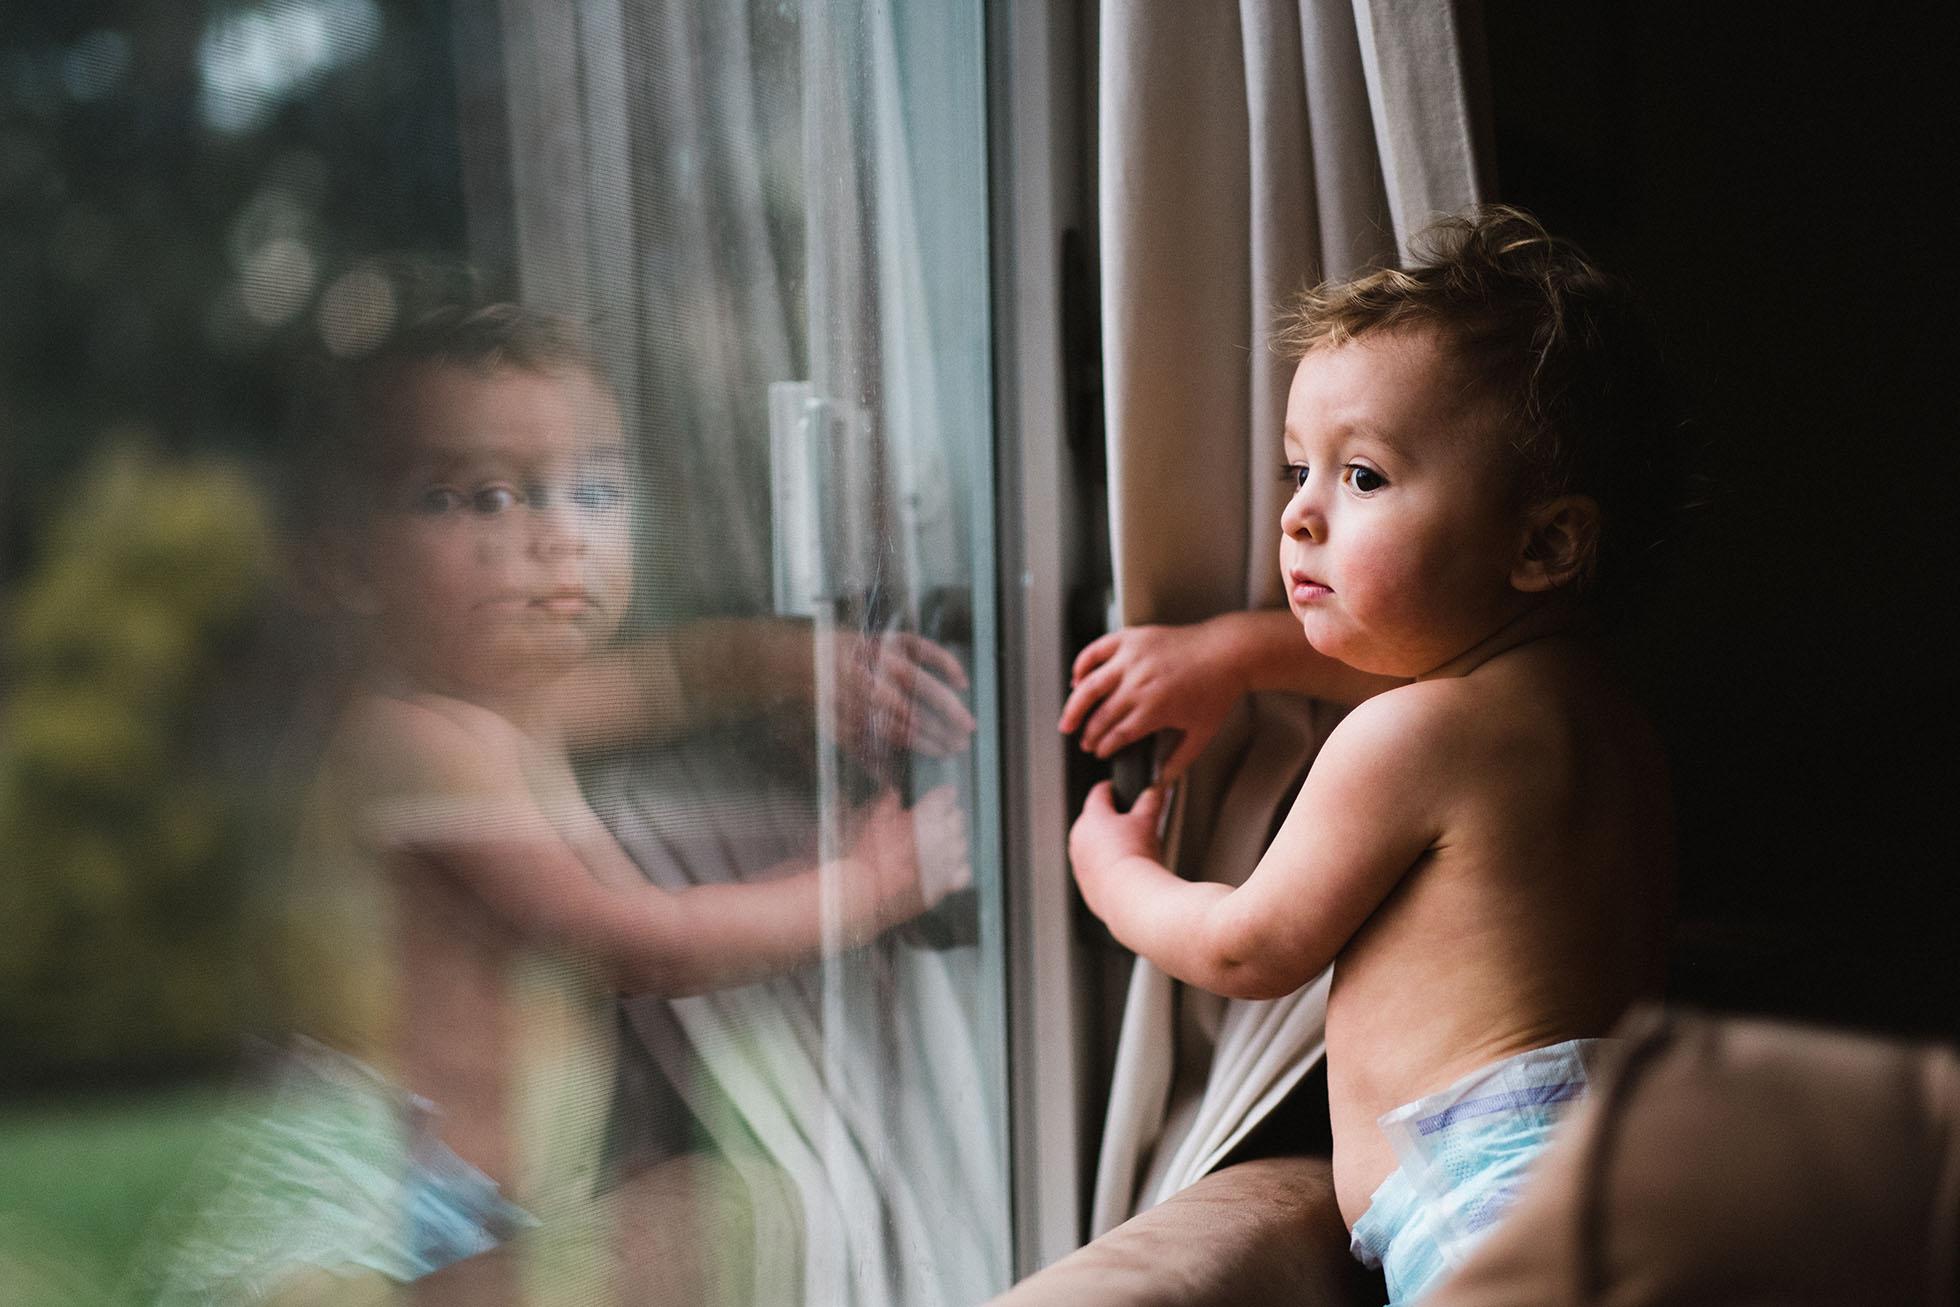 Child, Documentary, Everyday, Lifestyle, Portrait by JessicaSvoboda with Fujifilm XF 56mm f/1.2 R